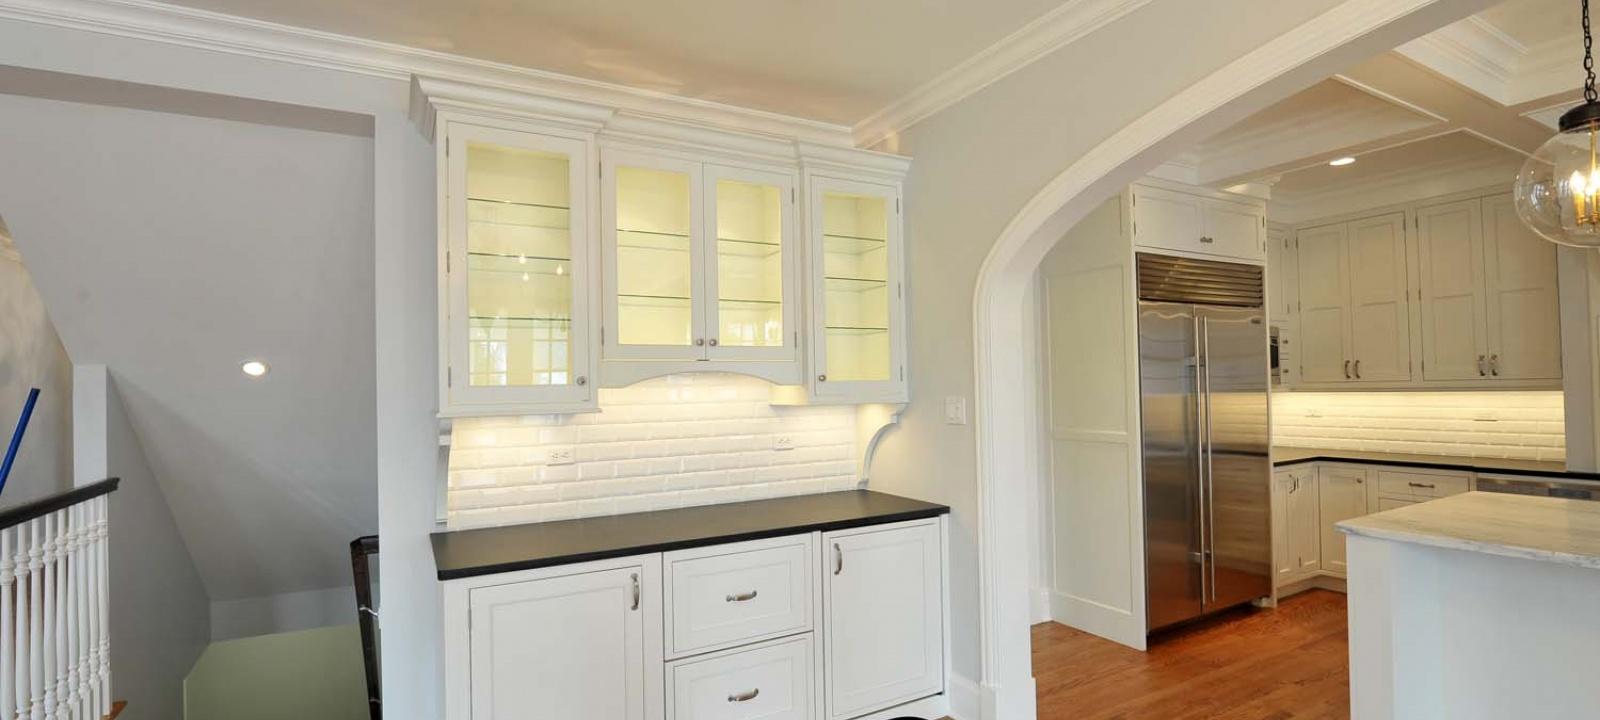 4 Homewood Drive, Kirkwood, Missouri 63122, 4 Bedrooms Bedrooms, ,3 BathroomsBathrooms,House,Completed,Homewood Drive,1018